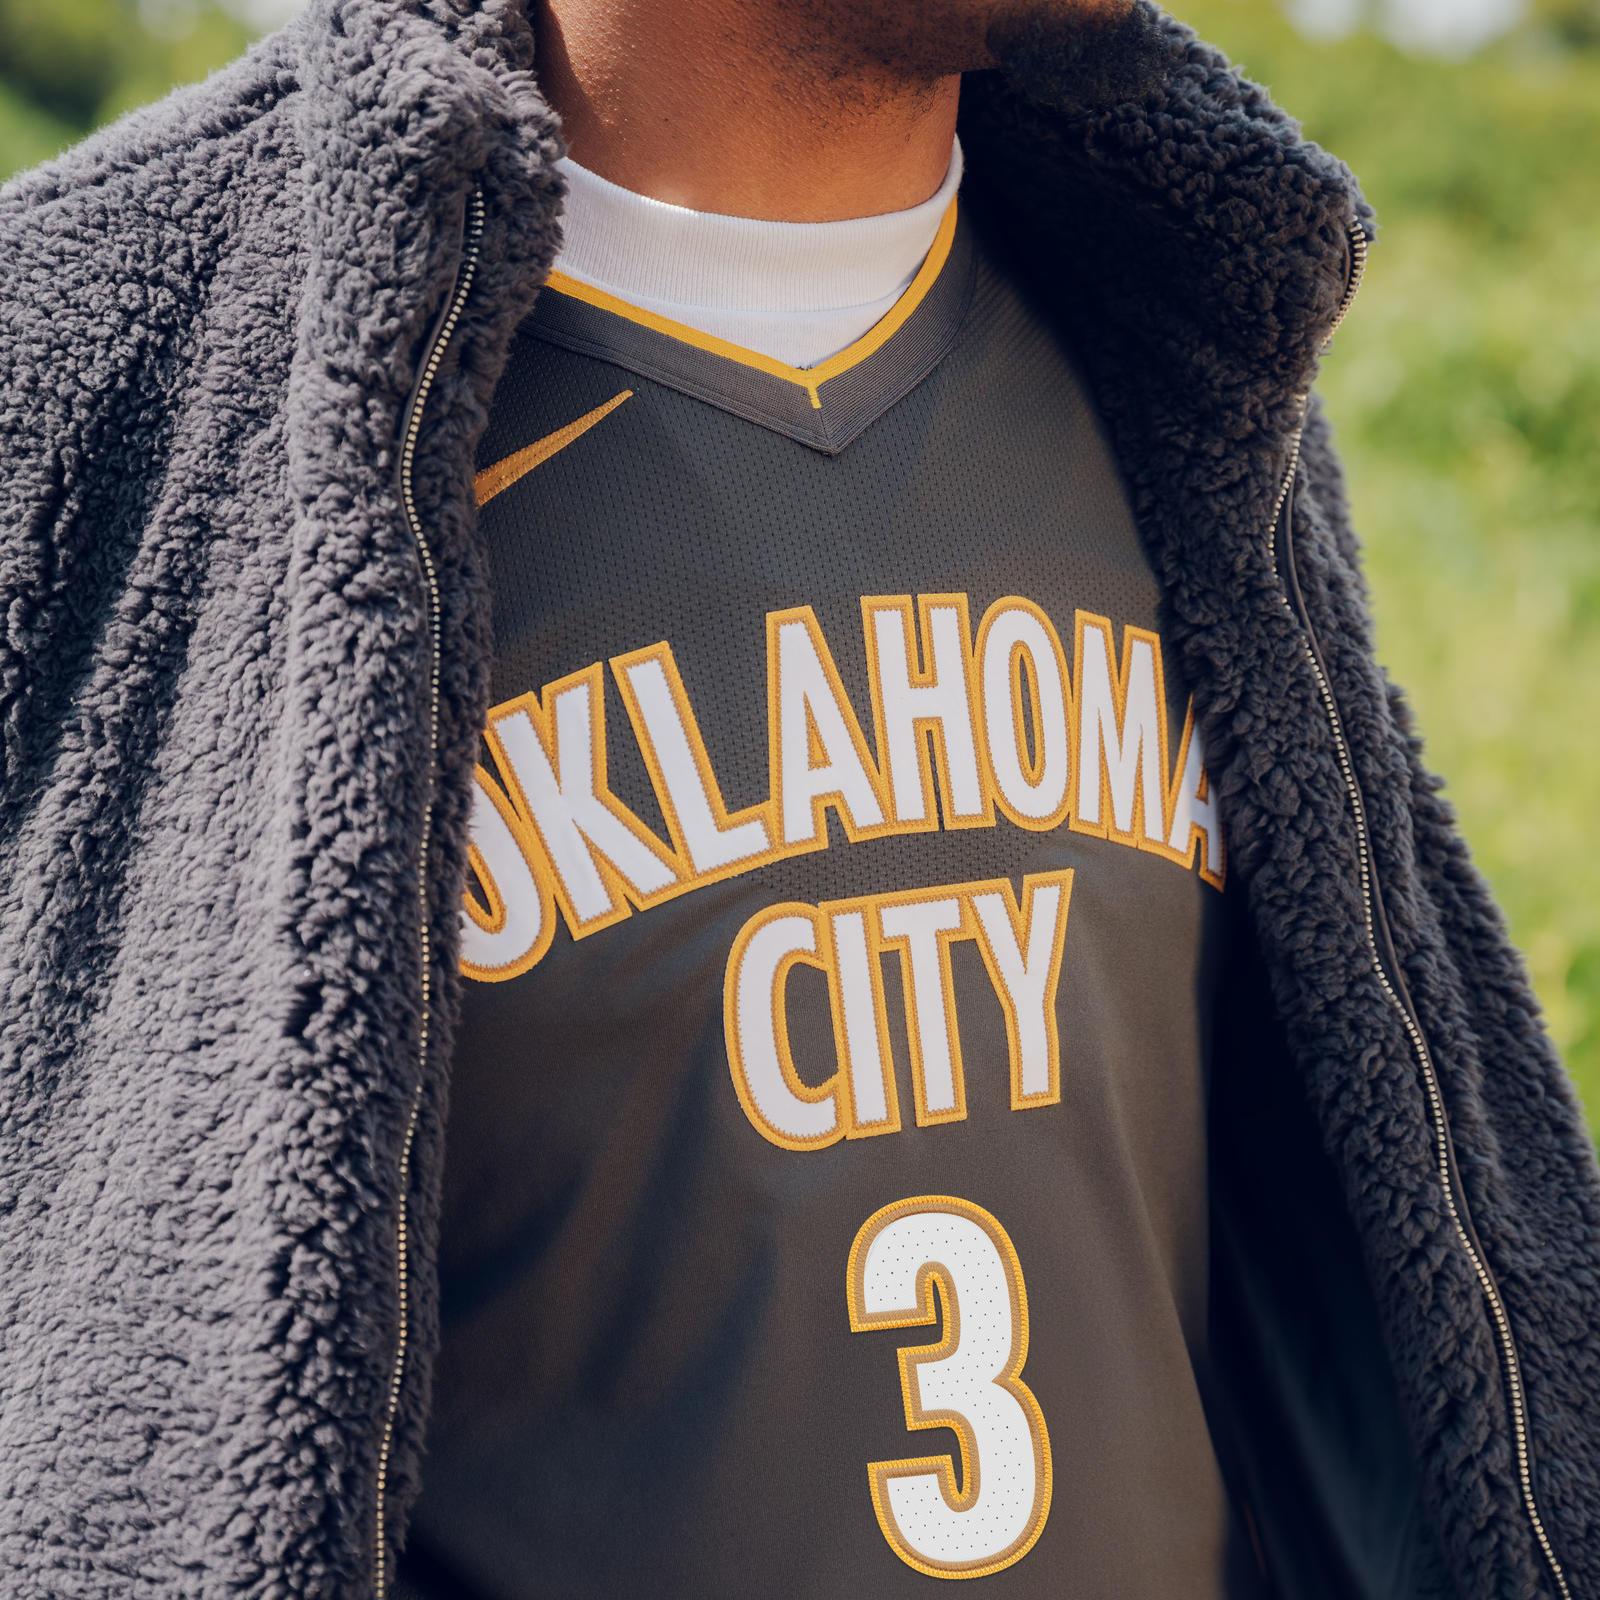 Oklahoma City Thunder City Edition